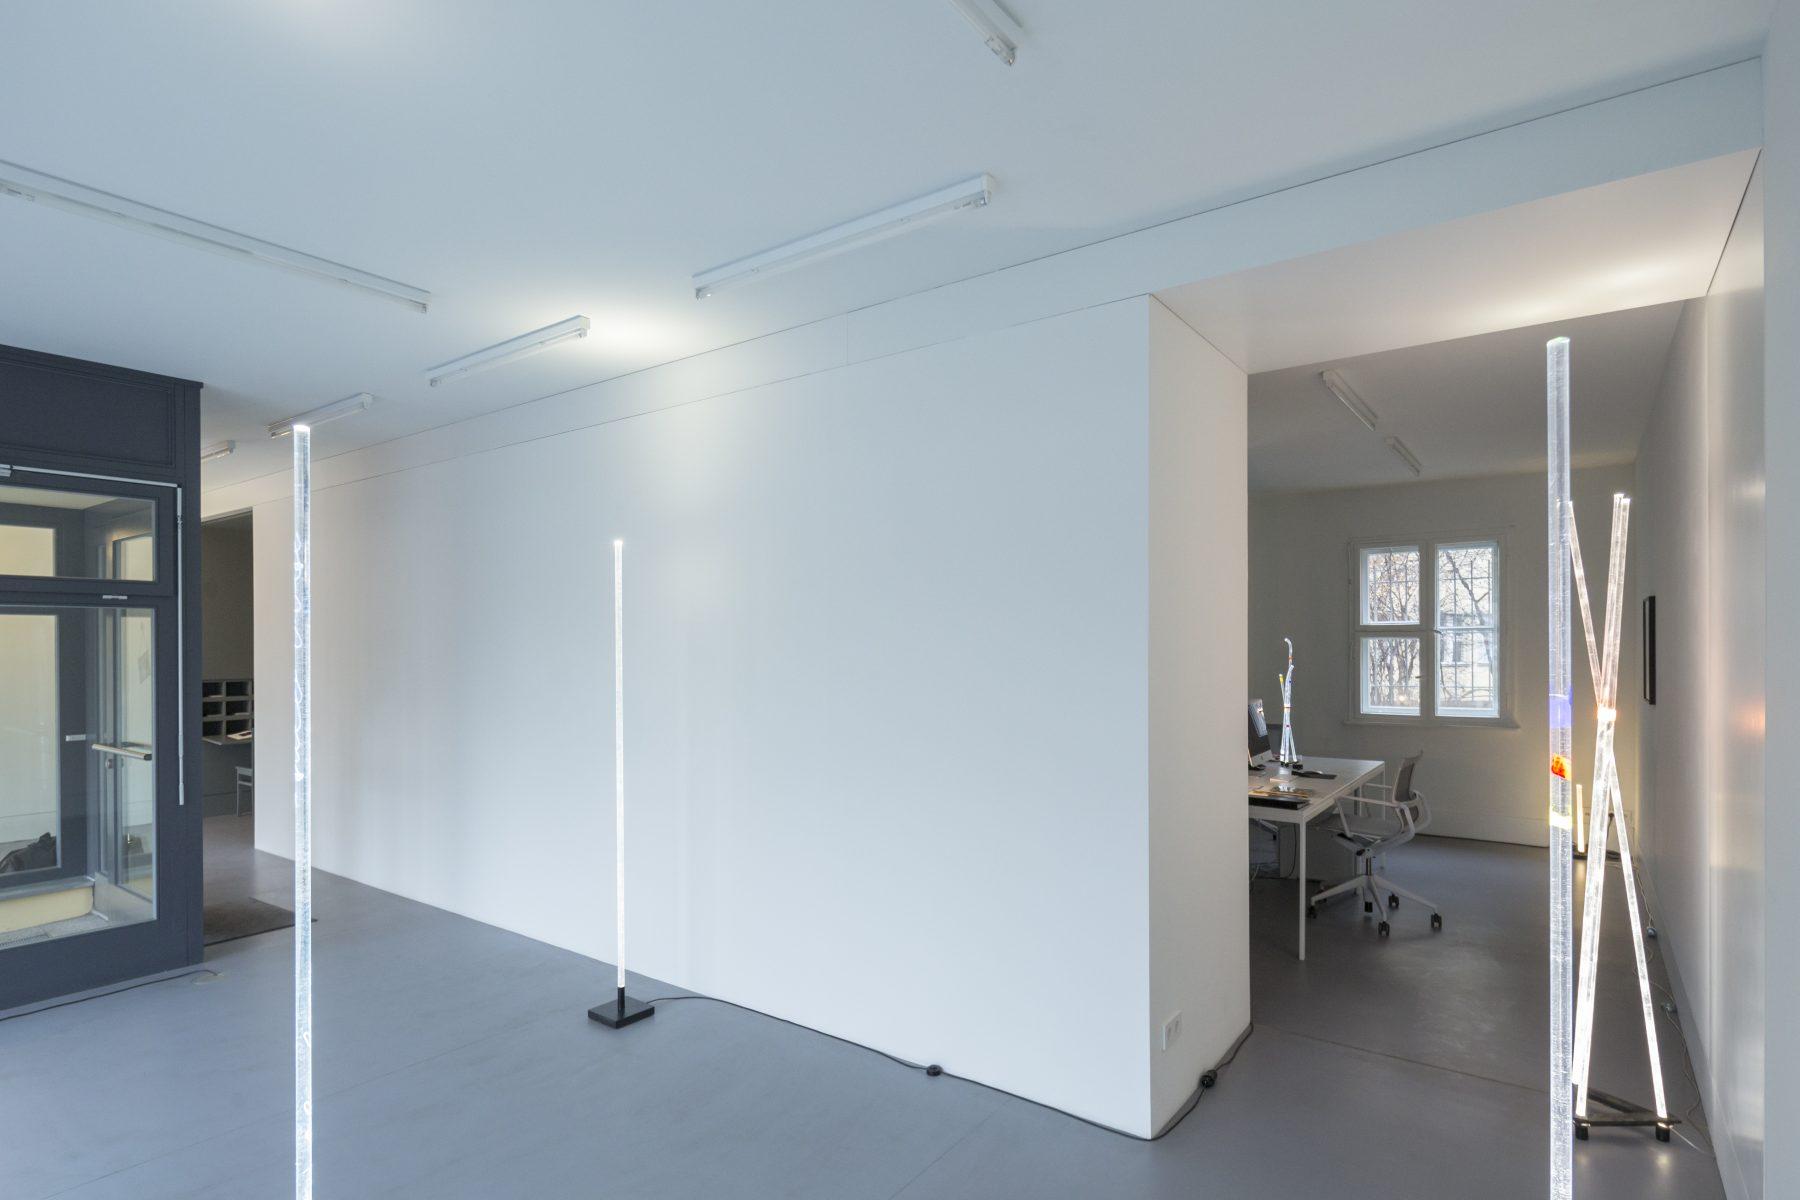 bibliothek nagel draxler bundschuh architekten. Black Bedroom Furniture Sets. Home Design Ideas